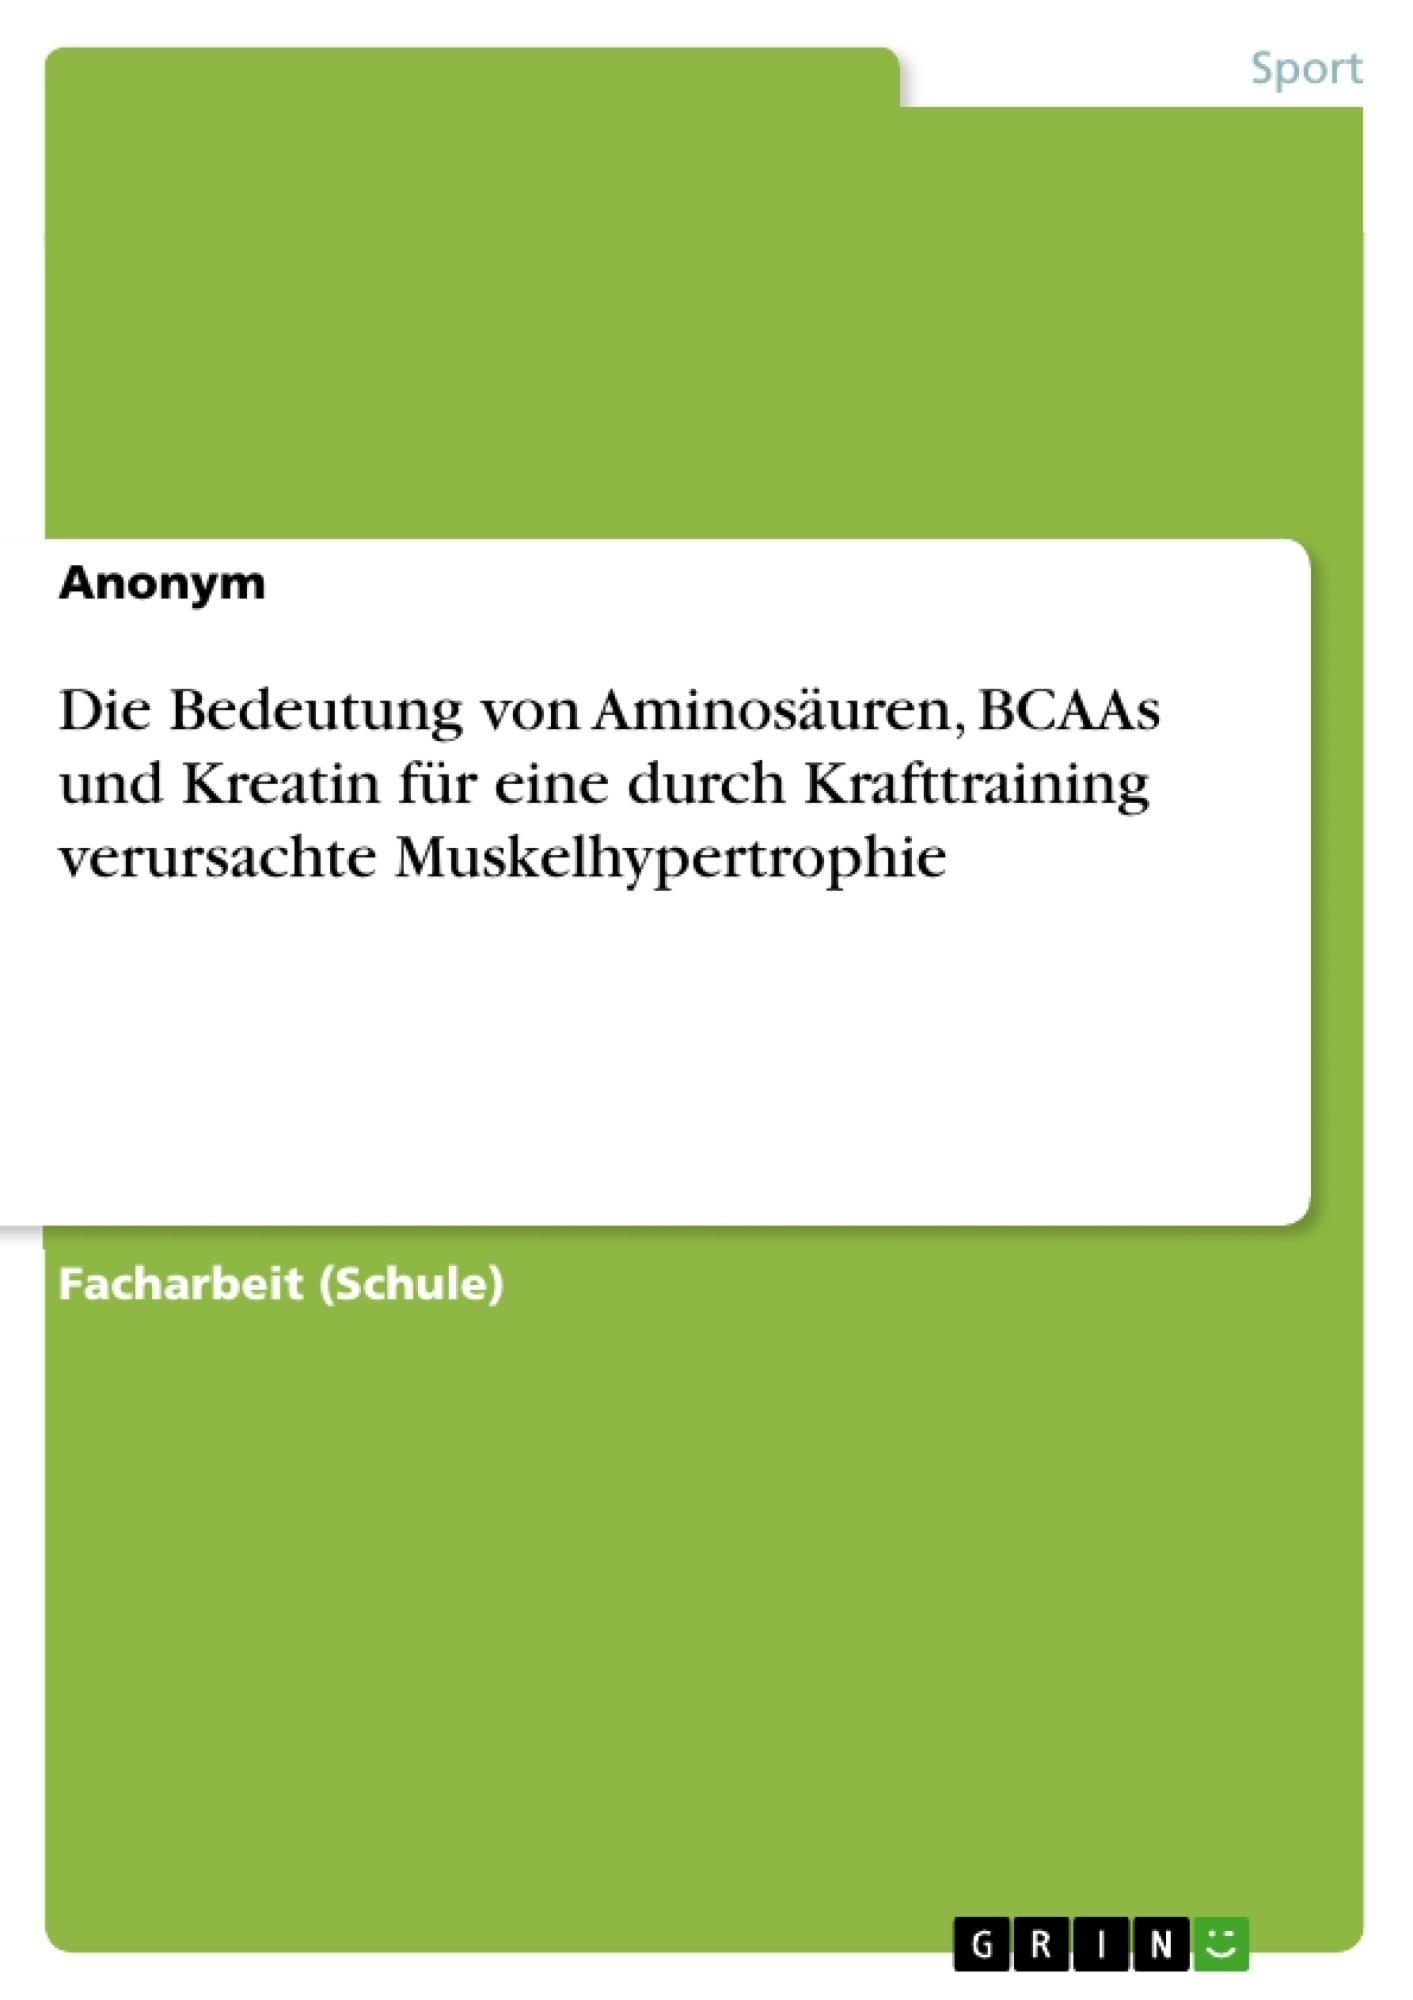 Titel: Die Bedeutung von Aminosäuren, BCAAs und Kreatin für eine durch Krafttraining verursachte Muskelhypertrophie